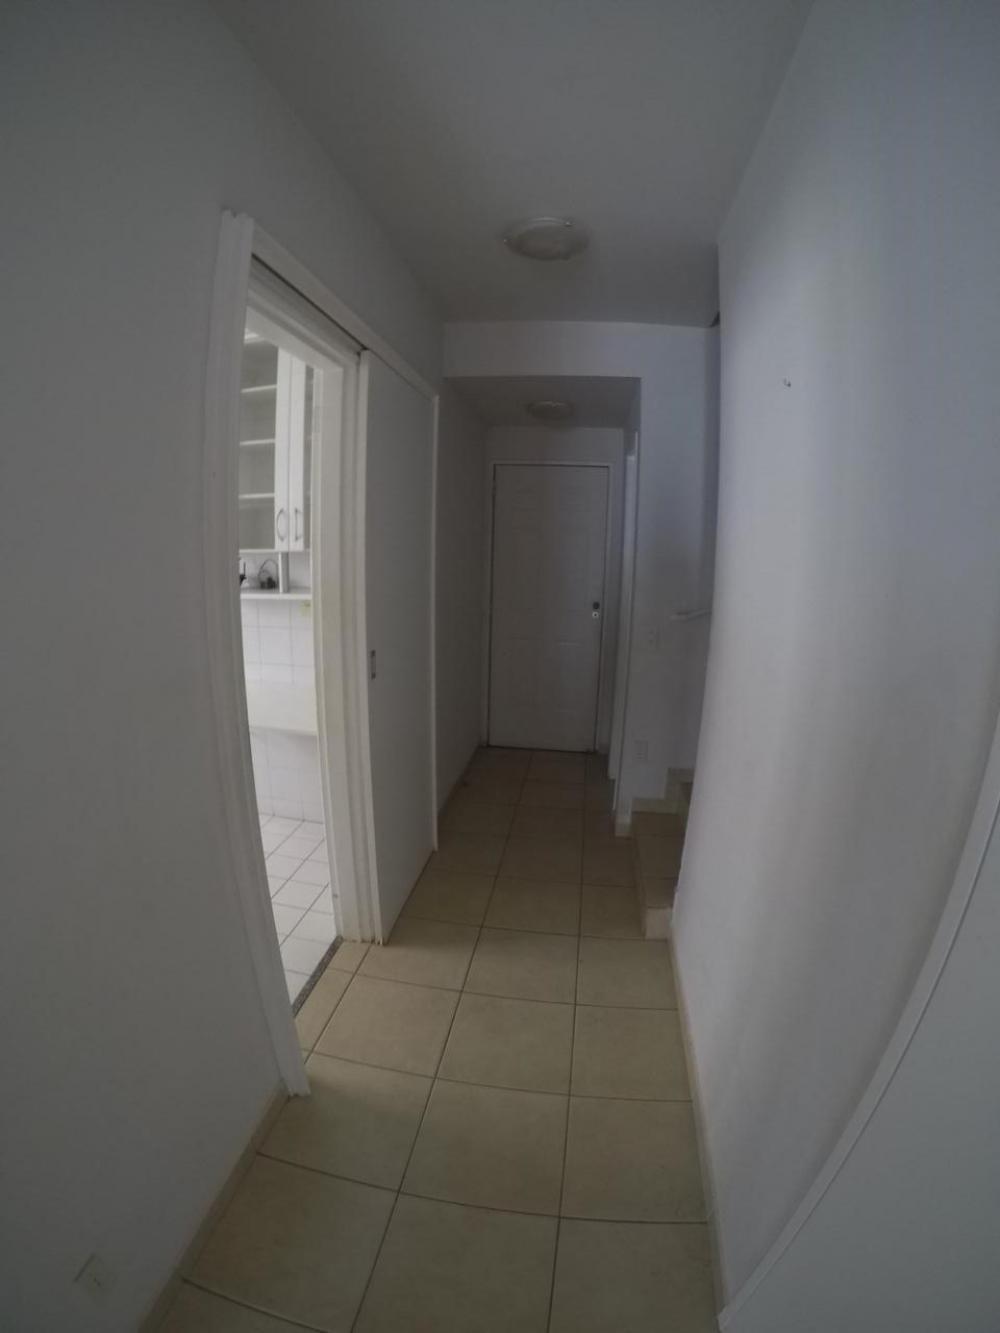 Comprar Casa / Condomínio em São José do Rio Preto apenas R$ 460.000,00 - Foto 7